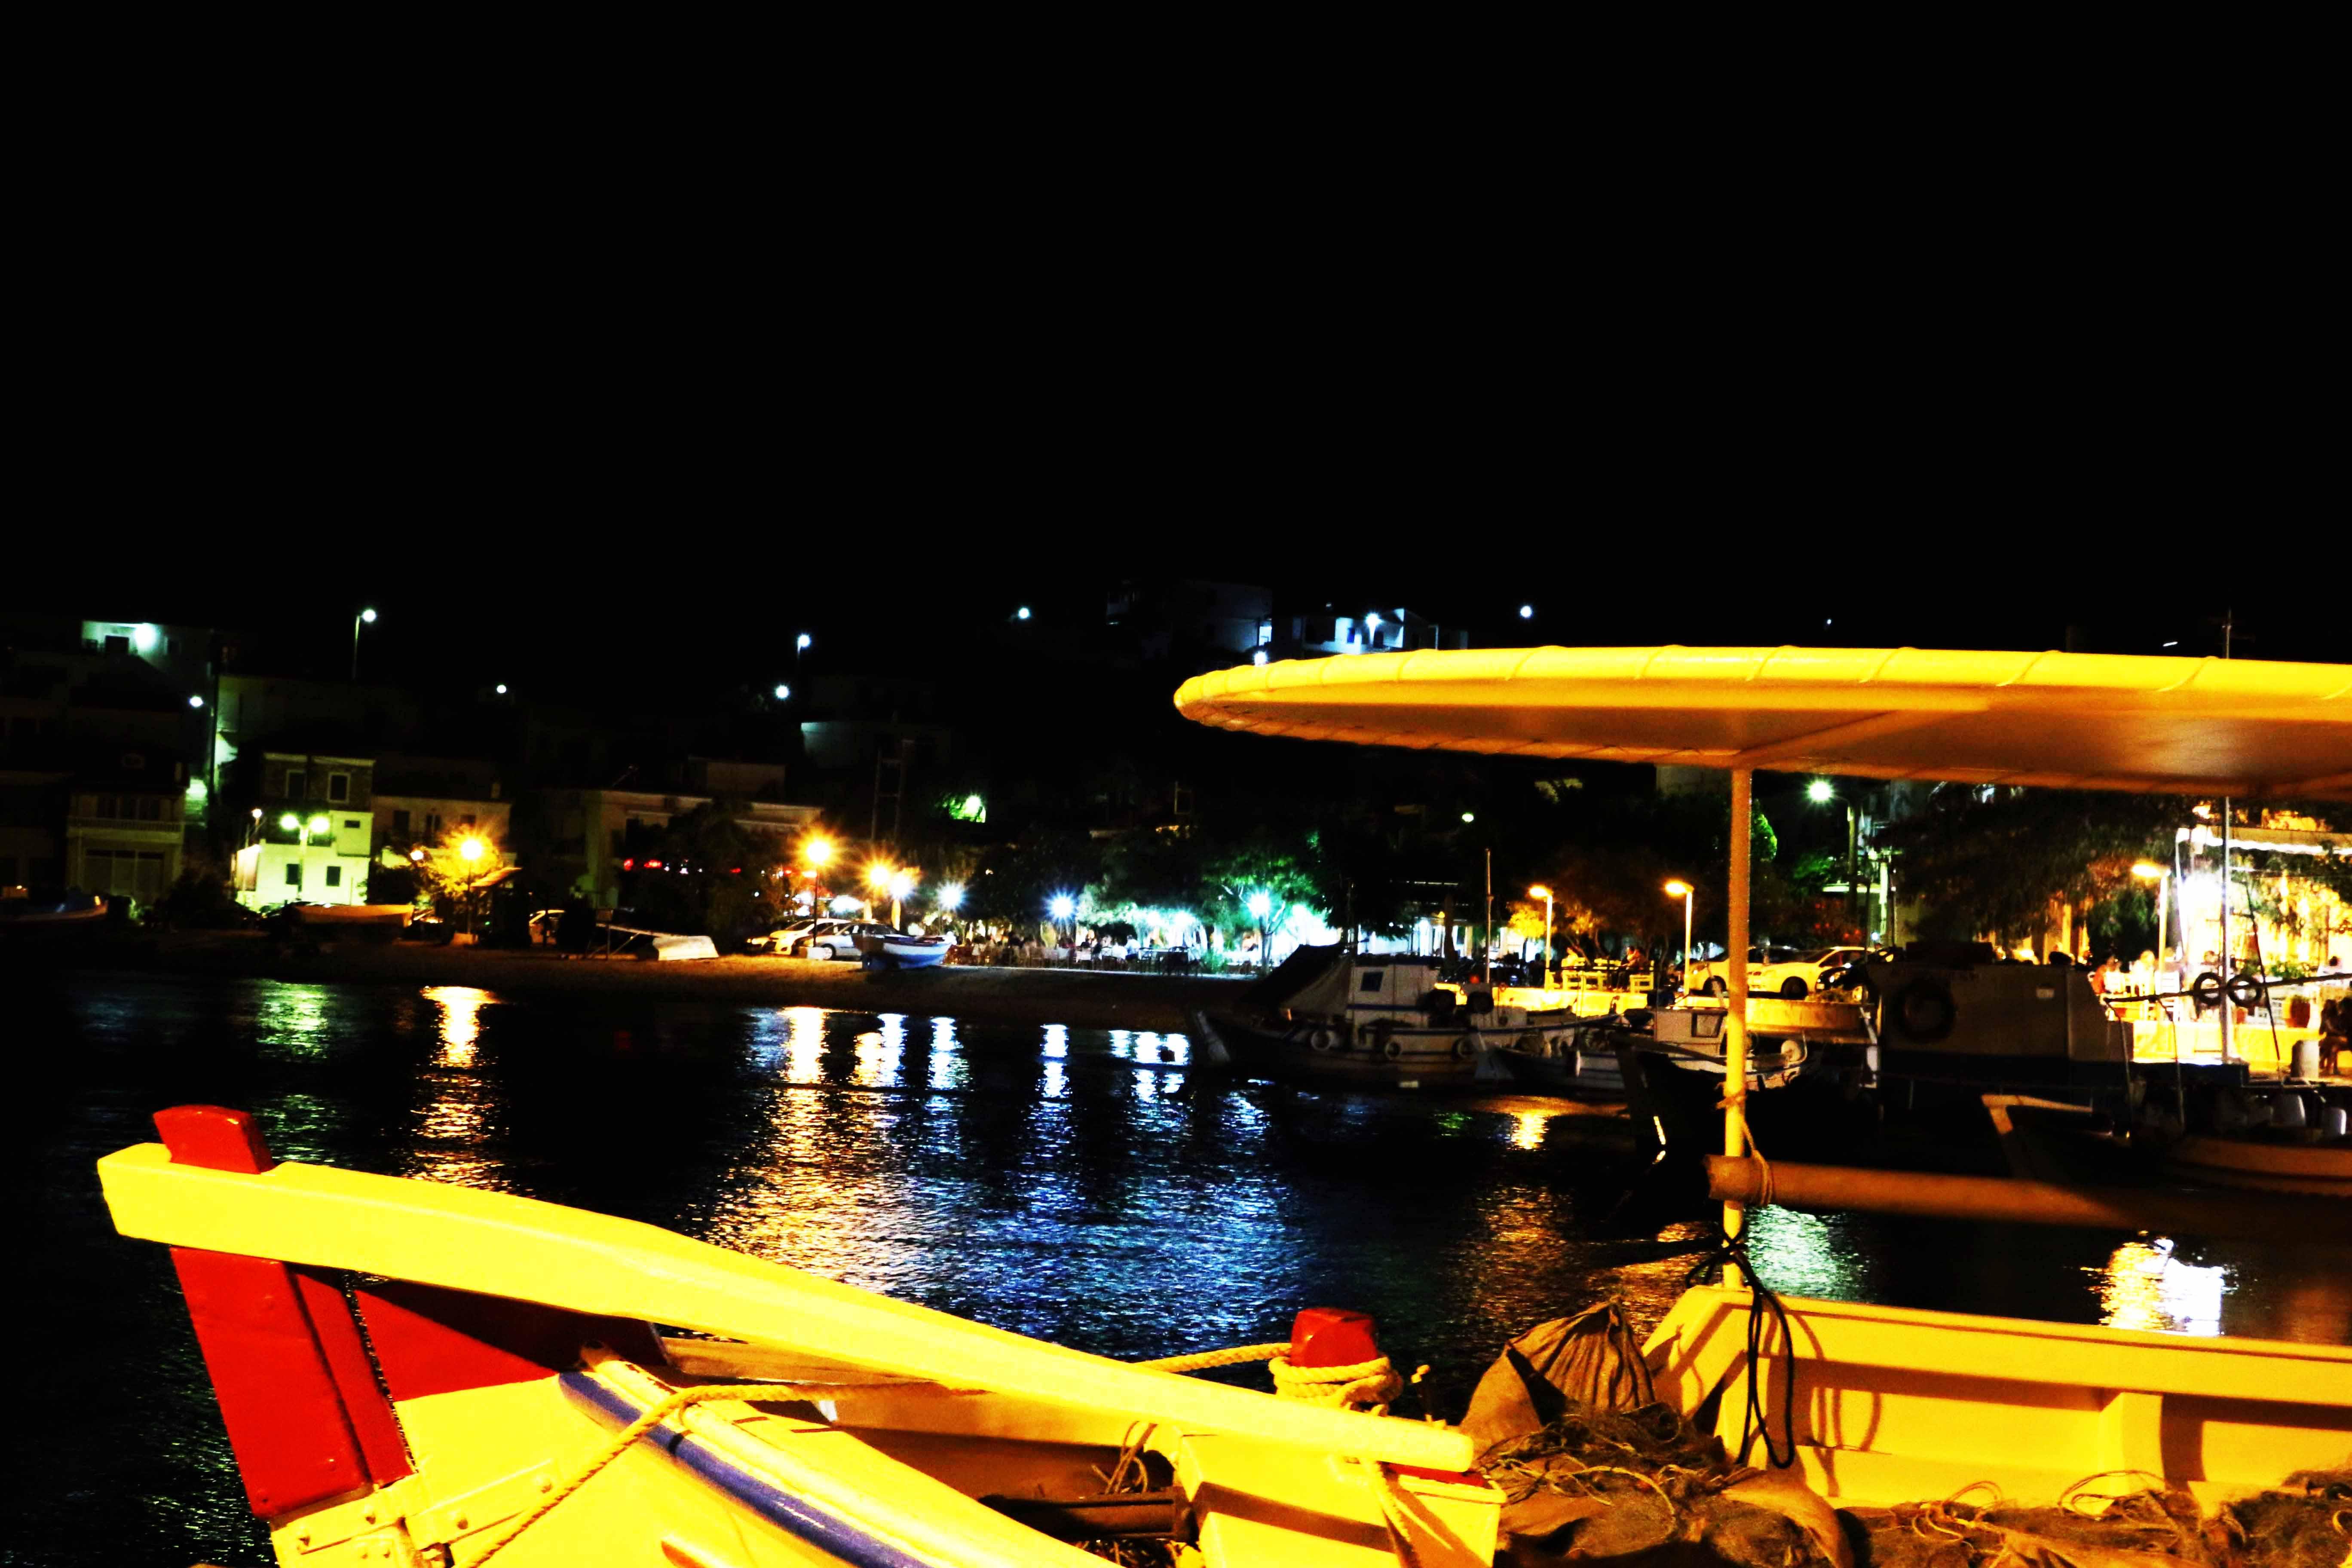 Λιμάνι Όρμου Σάμου